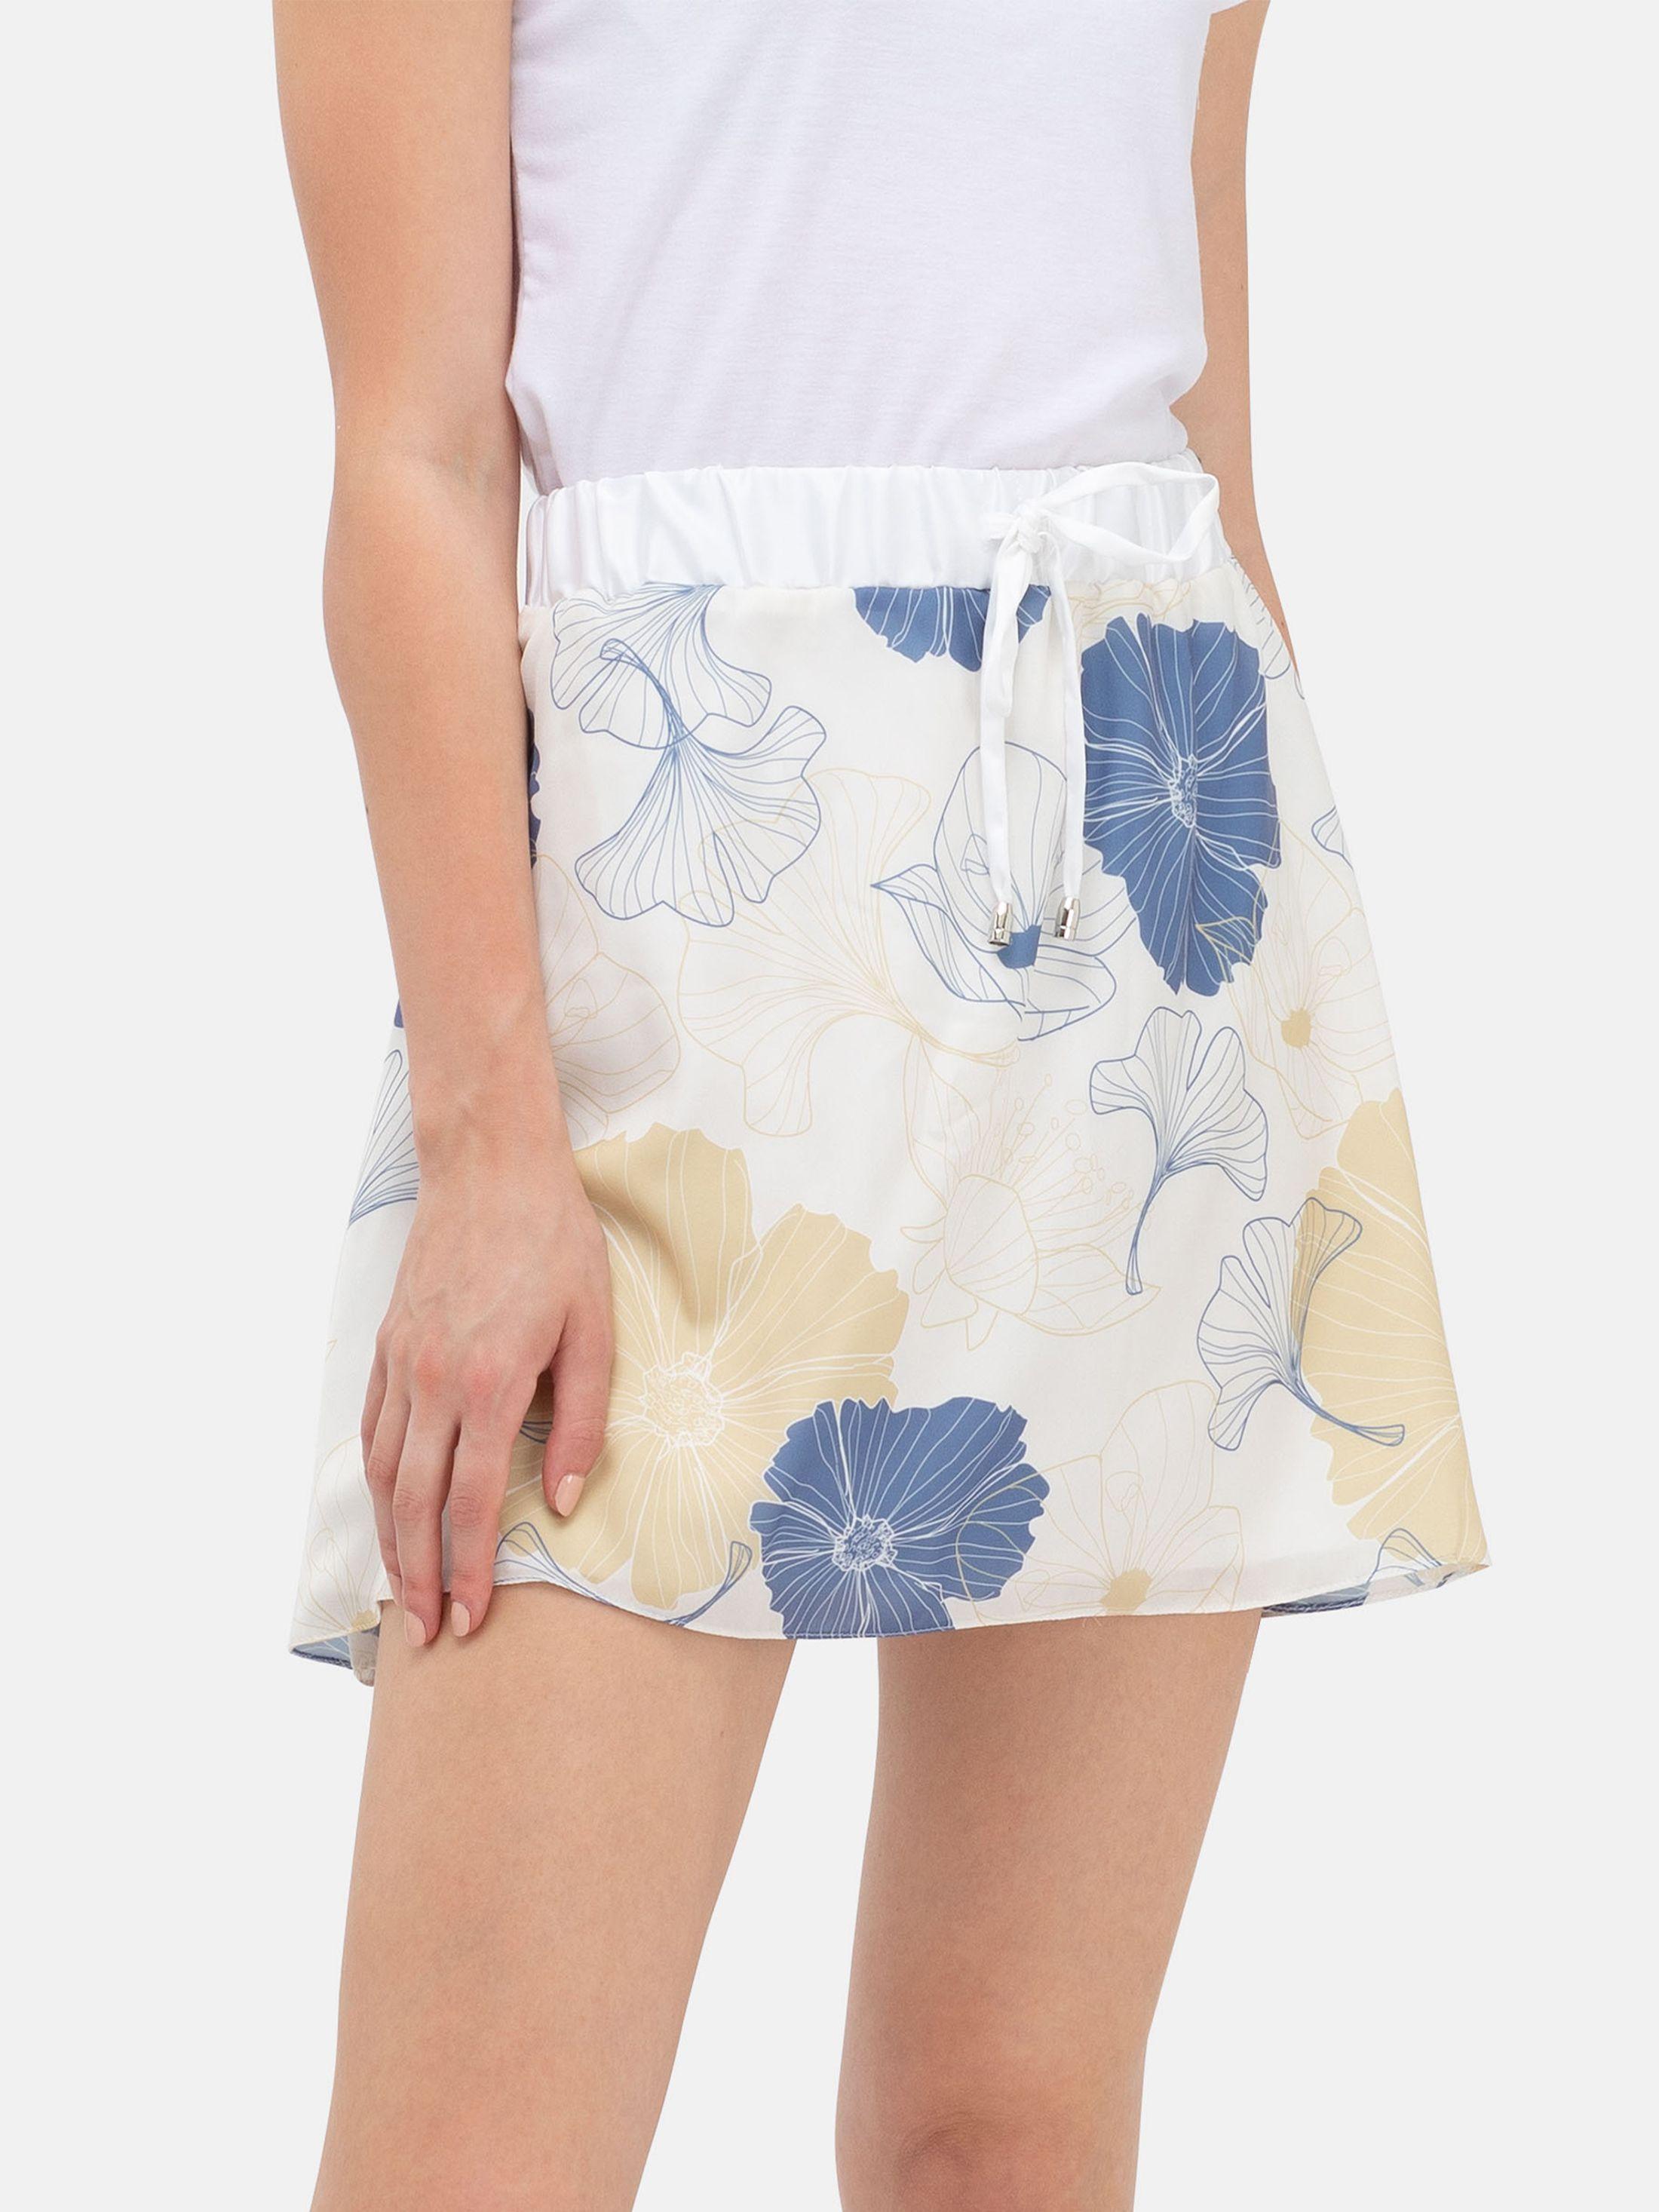 Impression sur la jupe fluide